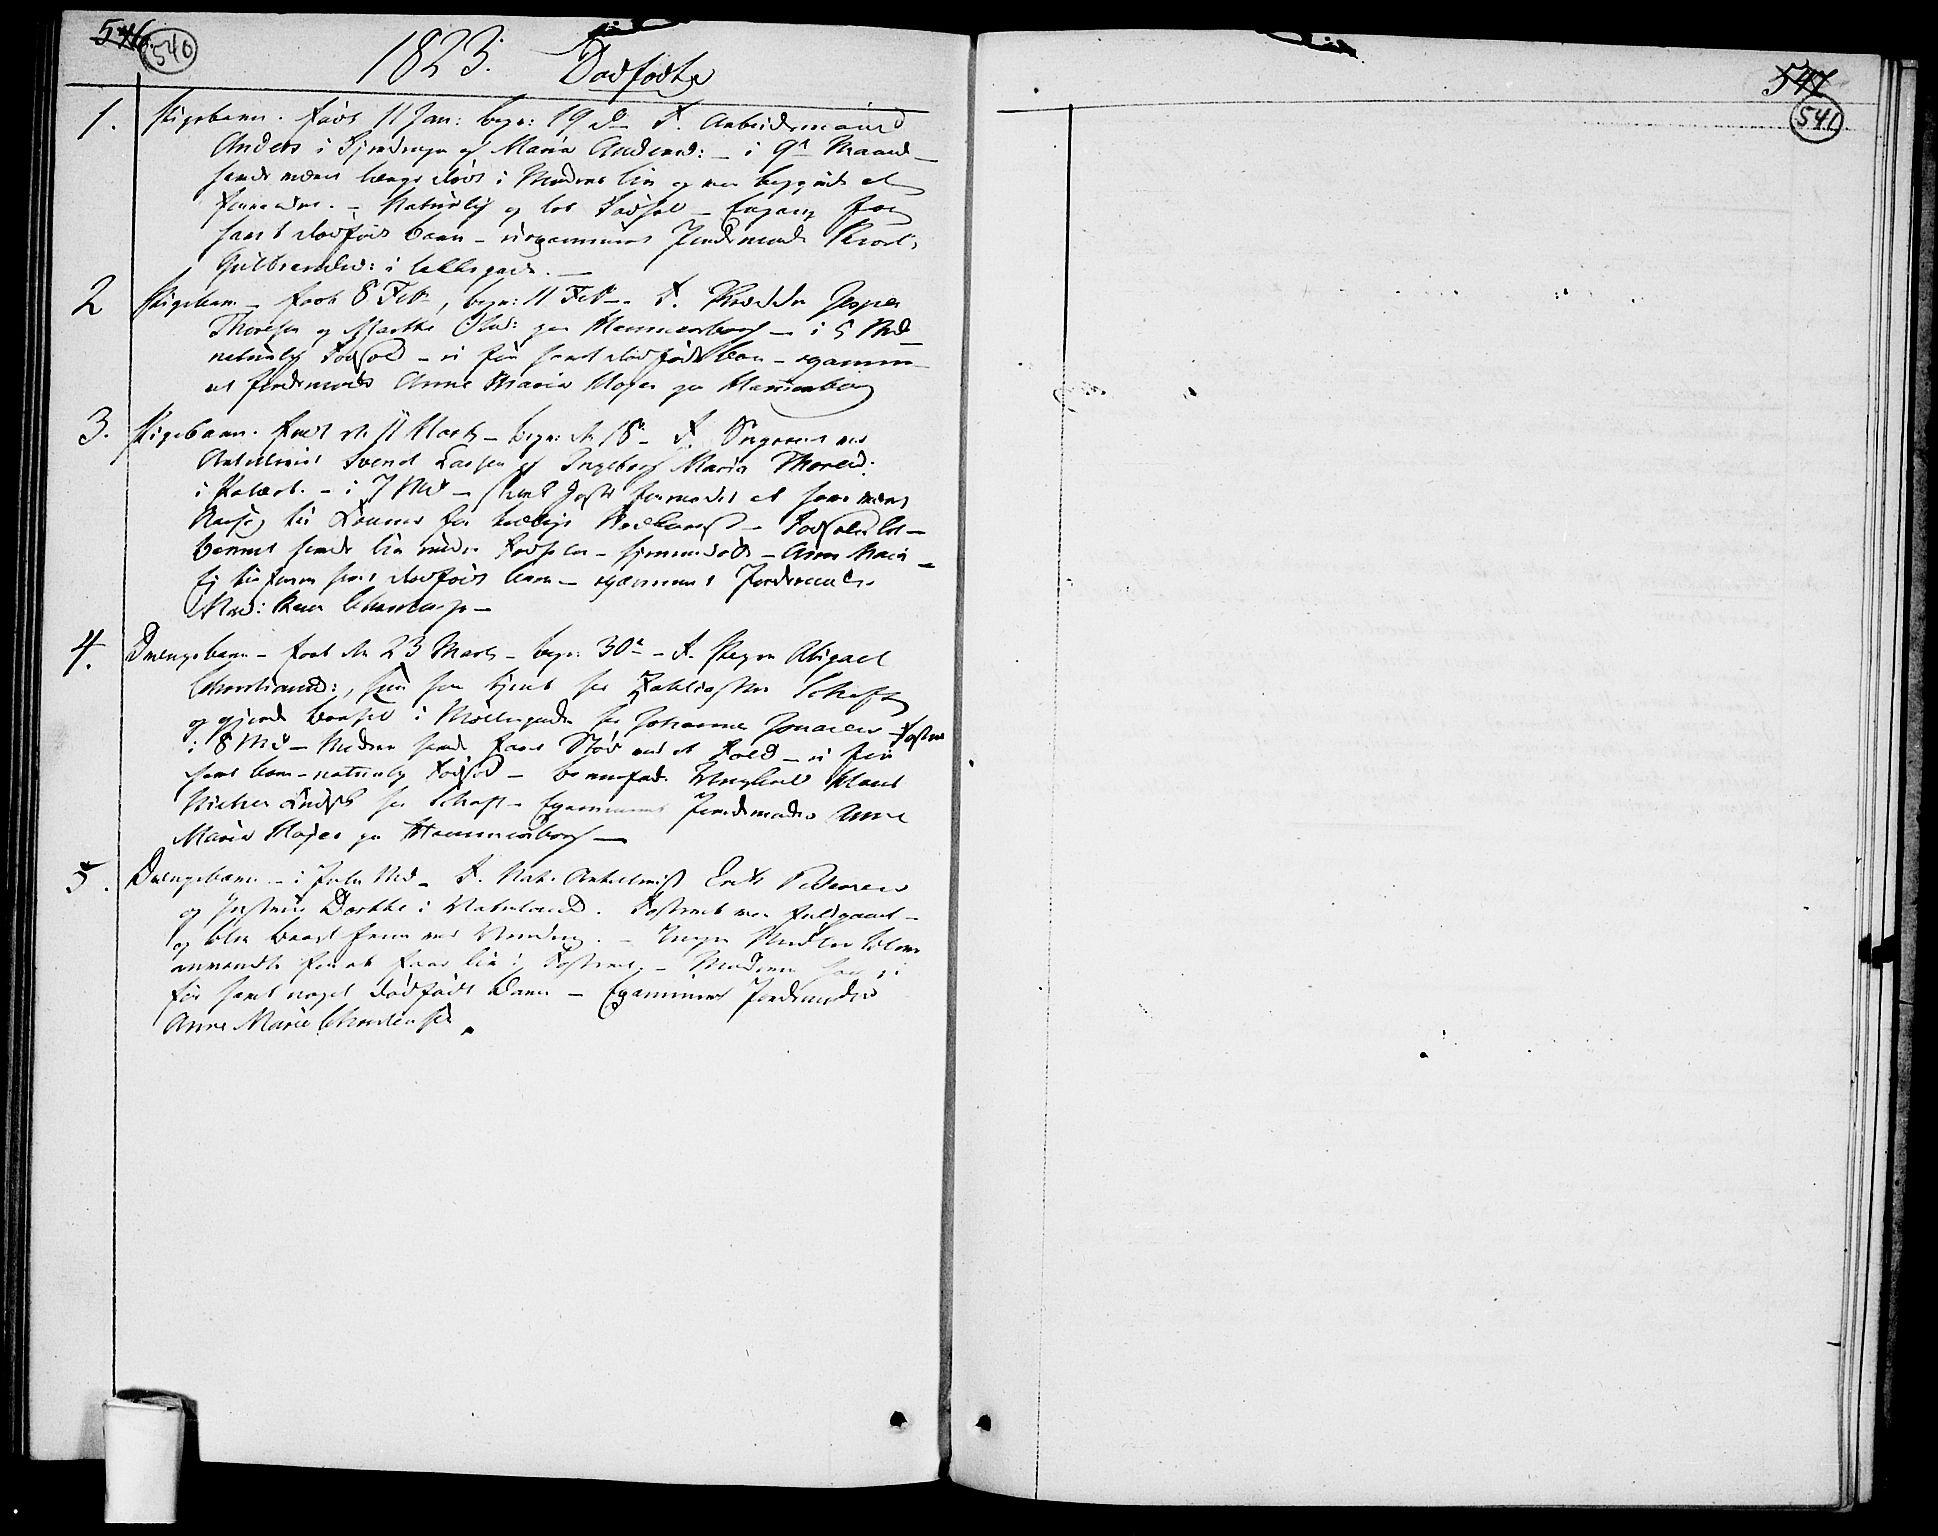 SAO, Garnisonsmenigheten Kirkebøker, F/Fa/L0004: Ministerialbok nr. 4, 1820-1828, s. 540-541